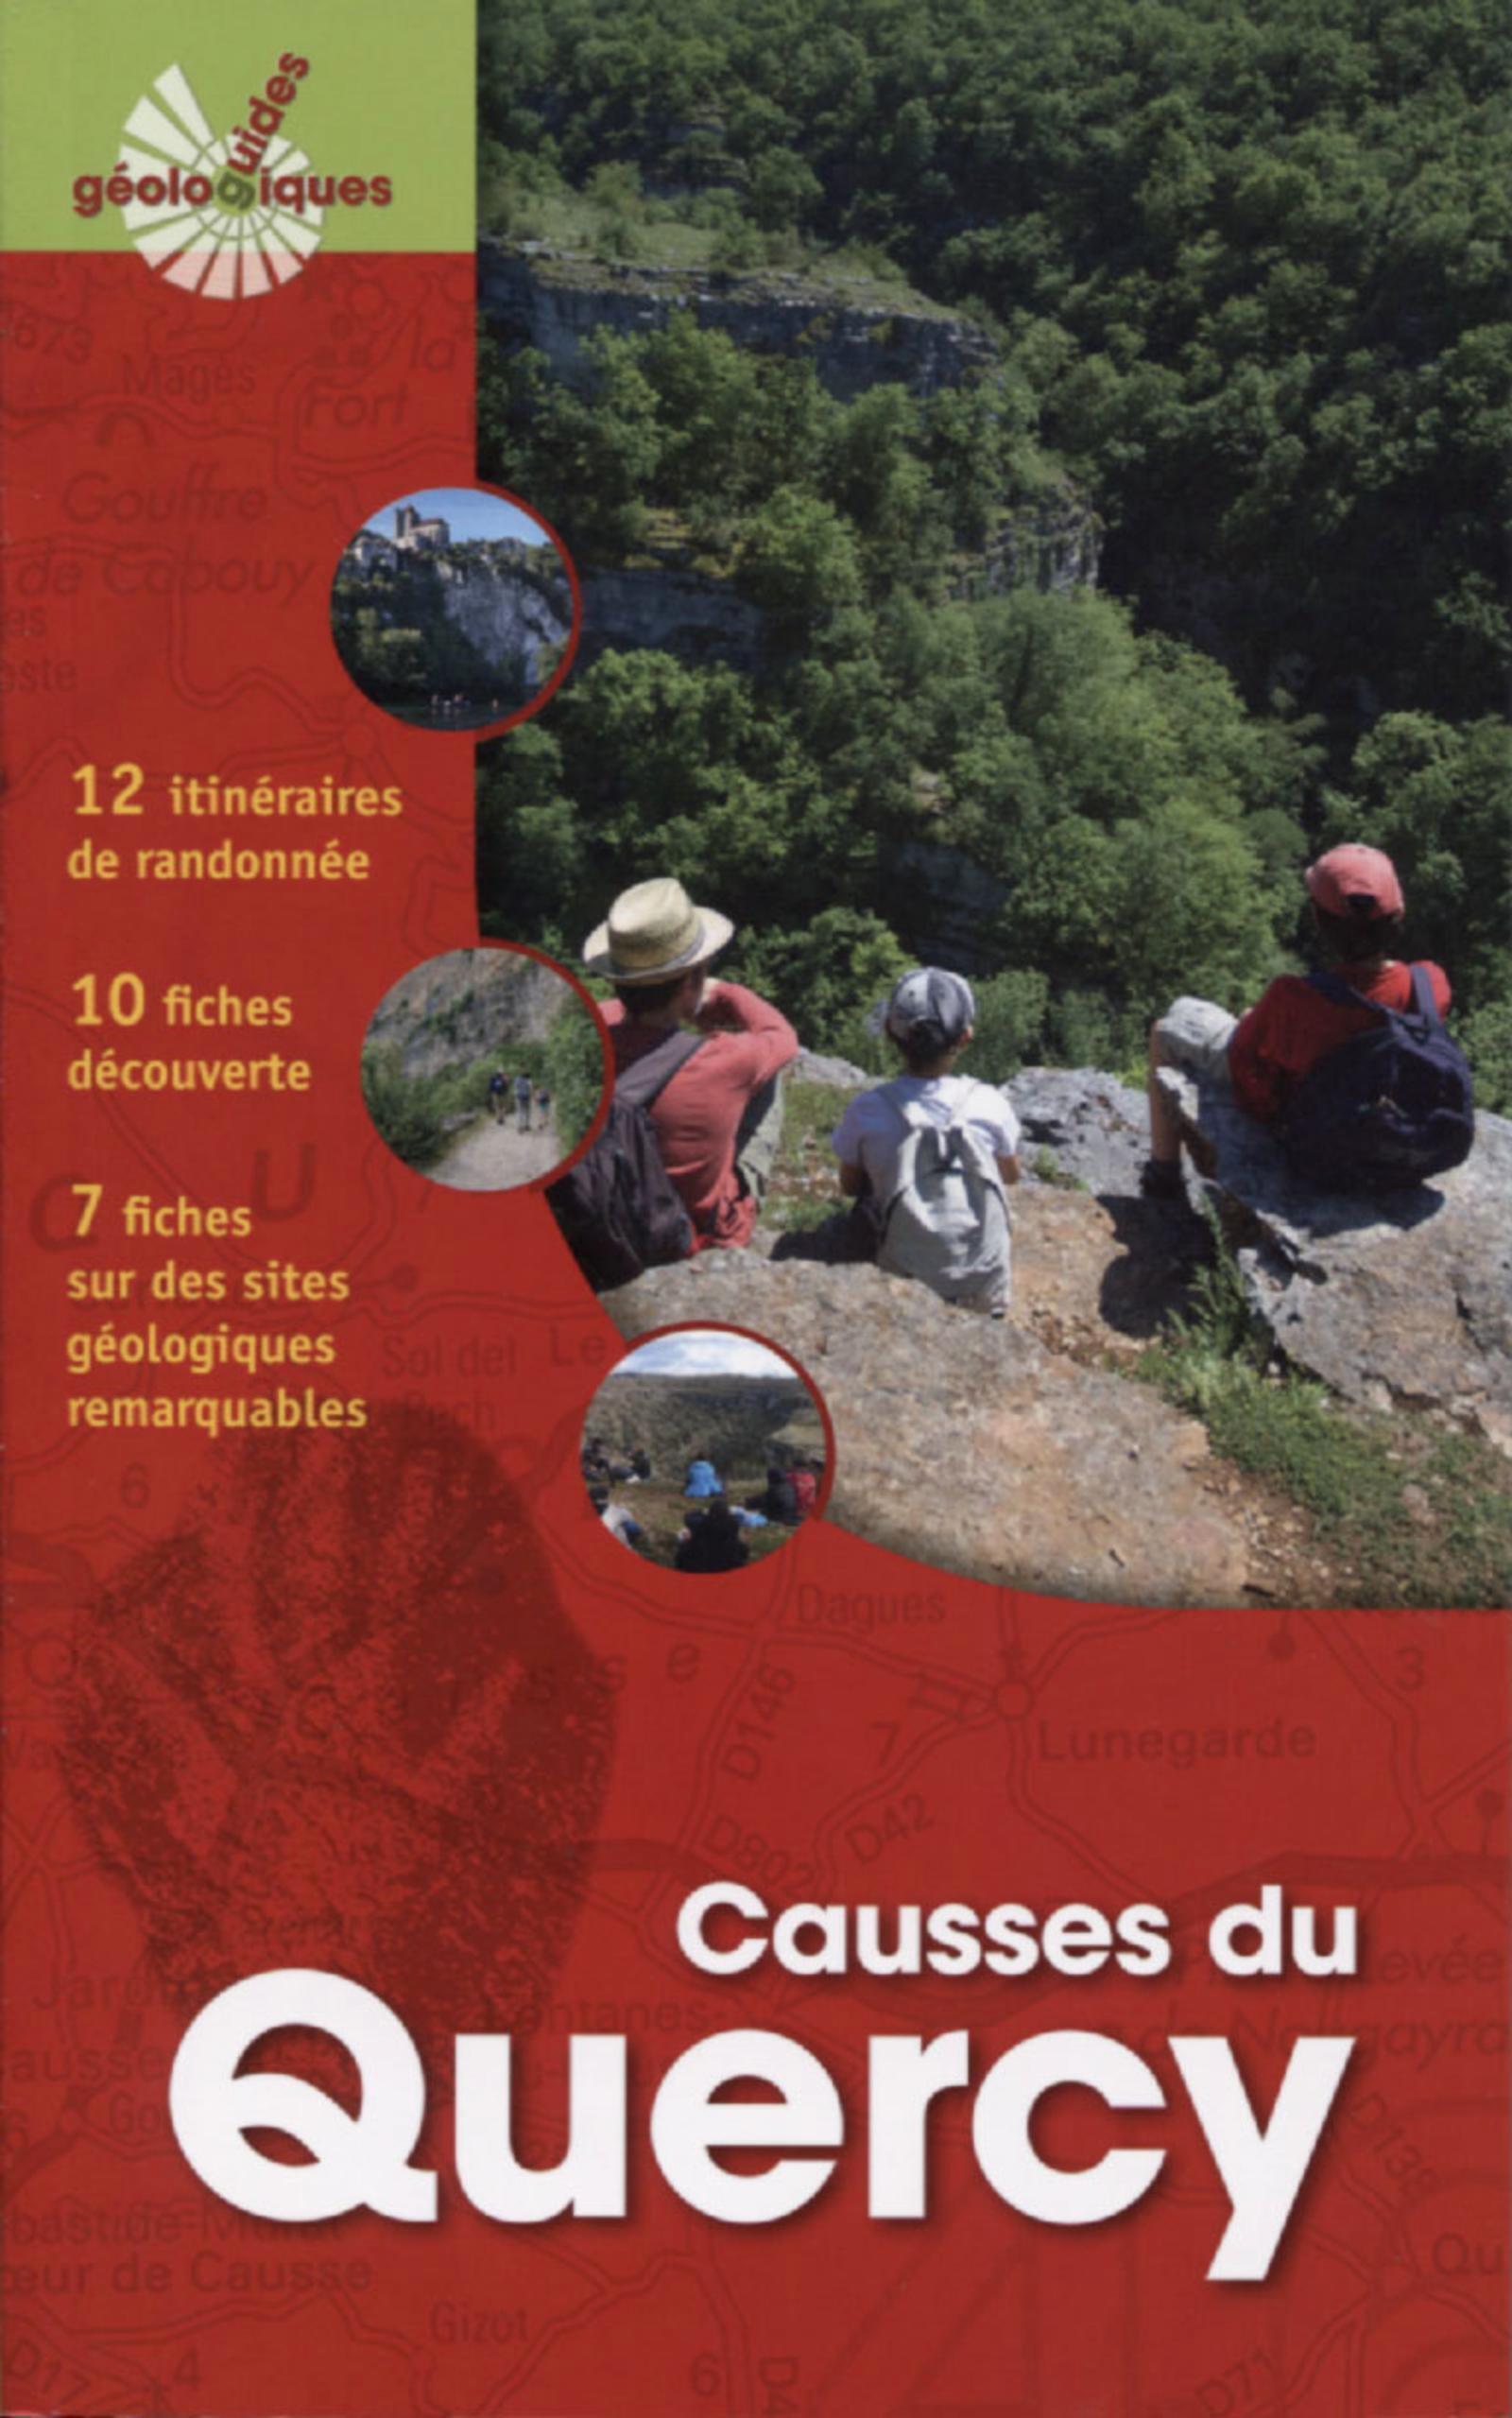 CAUSSES DU QUERCY - 12 ITINERAIRES DE RANDONNEE  10 FICHES DECOUVERTE  7 FICHES SUR DES SITES GEOLOG